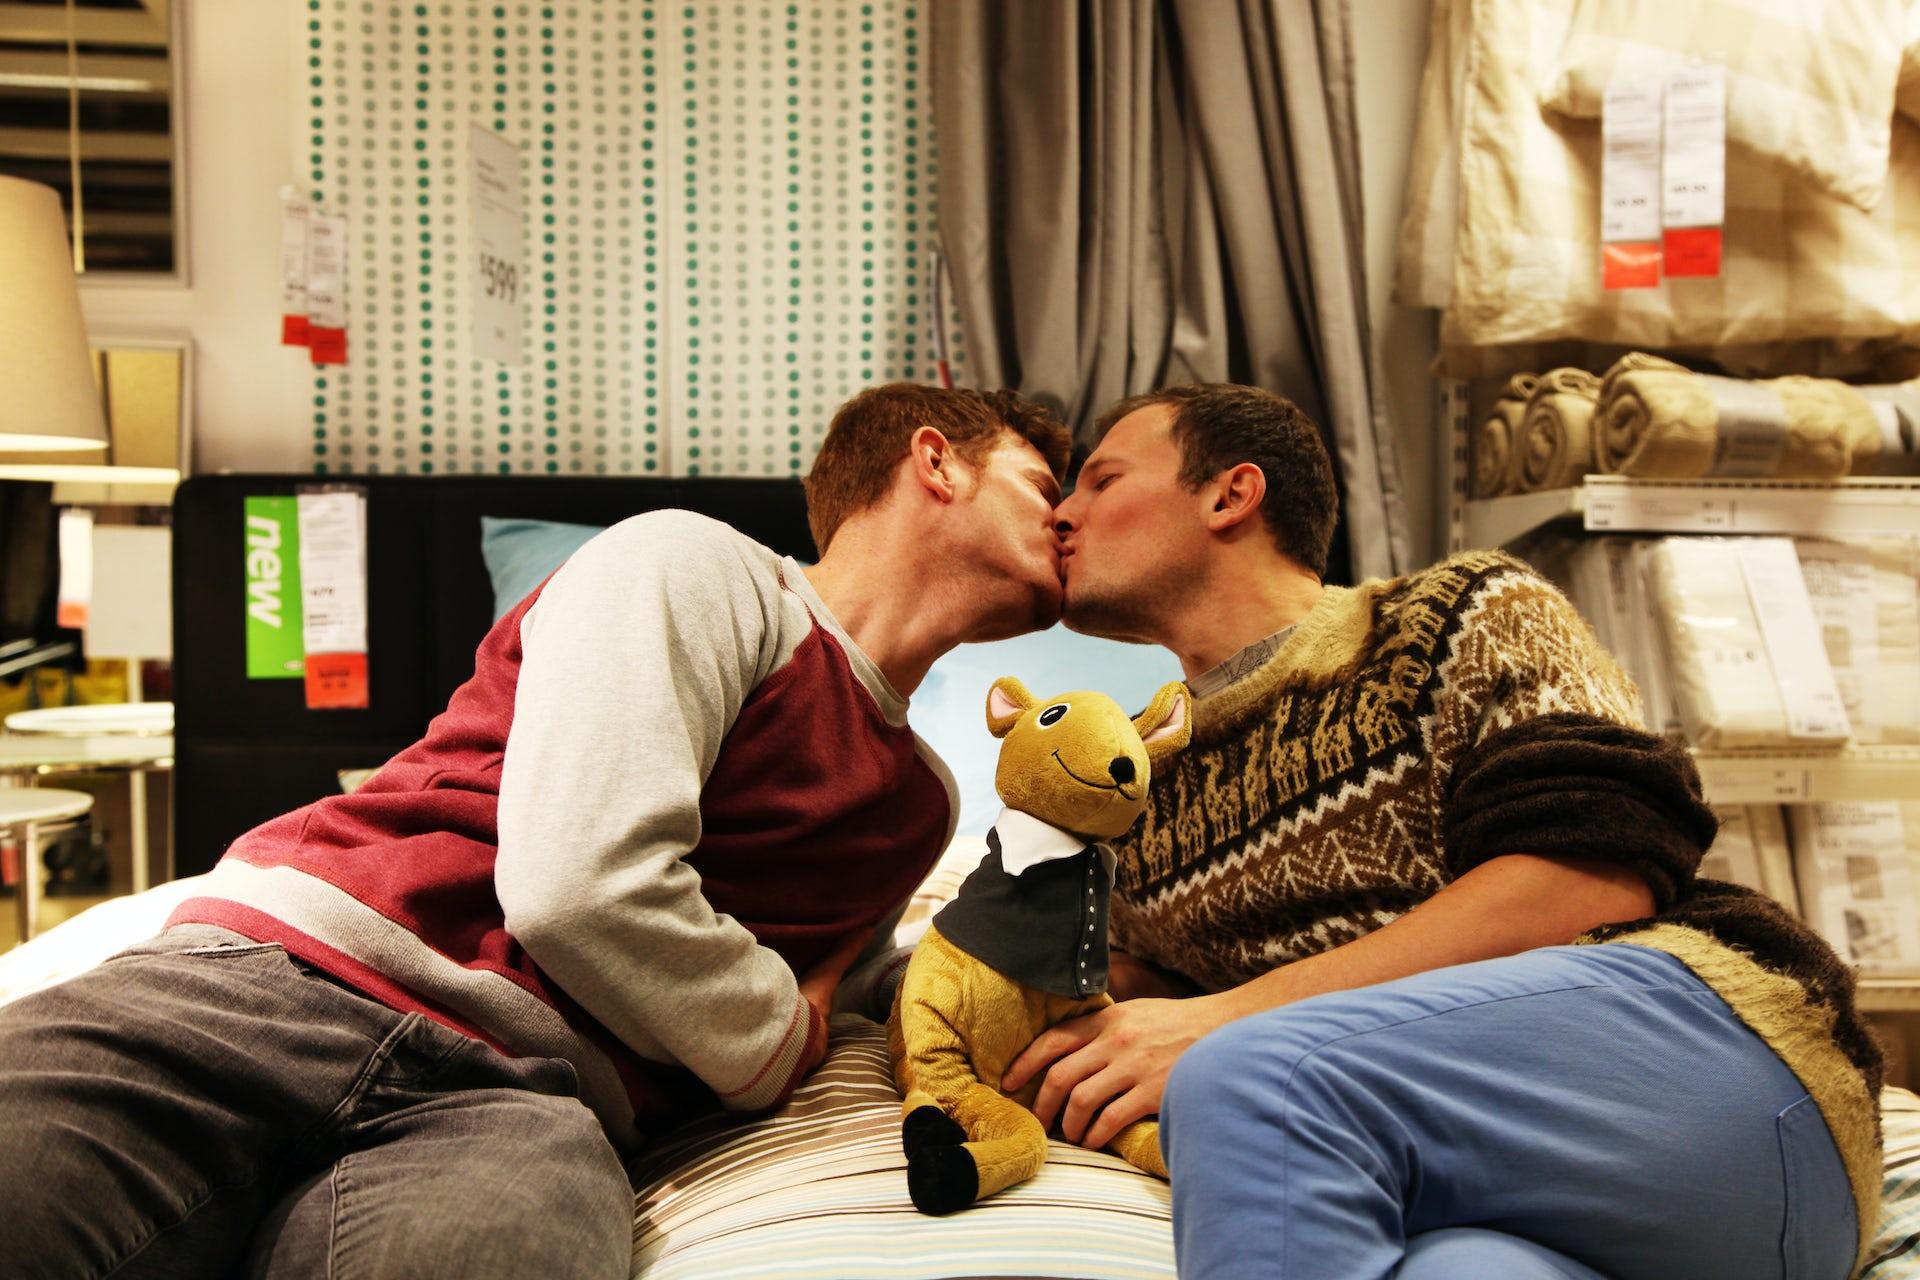 Science behind homosexual attraction